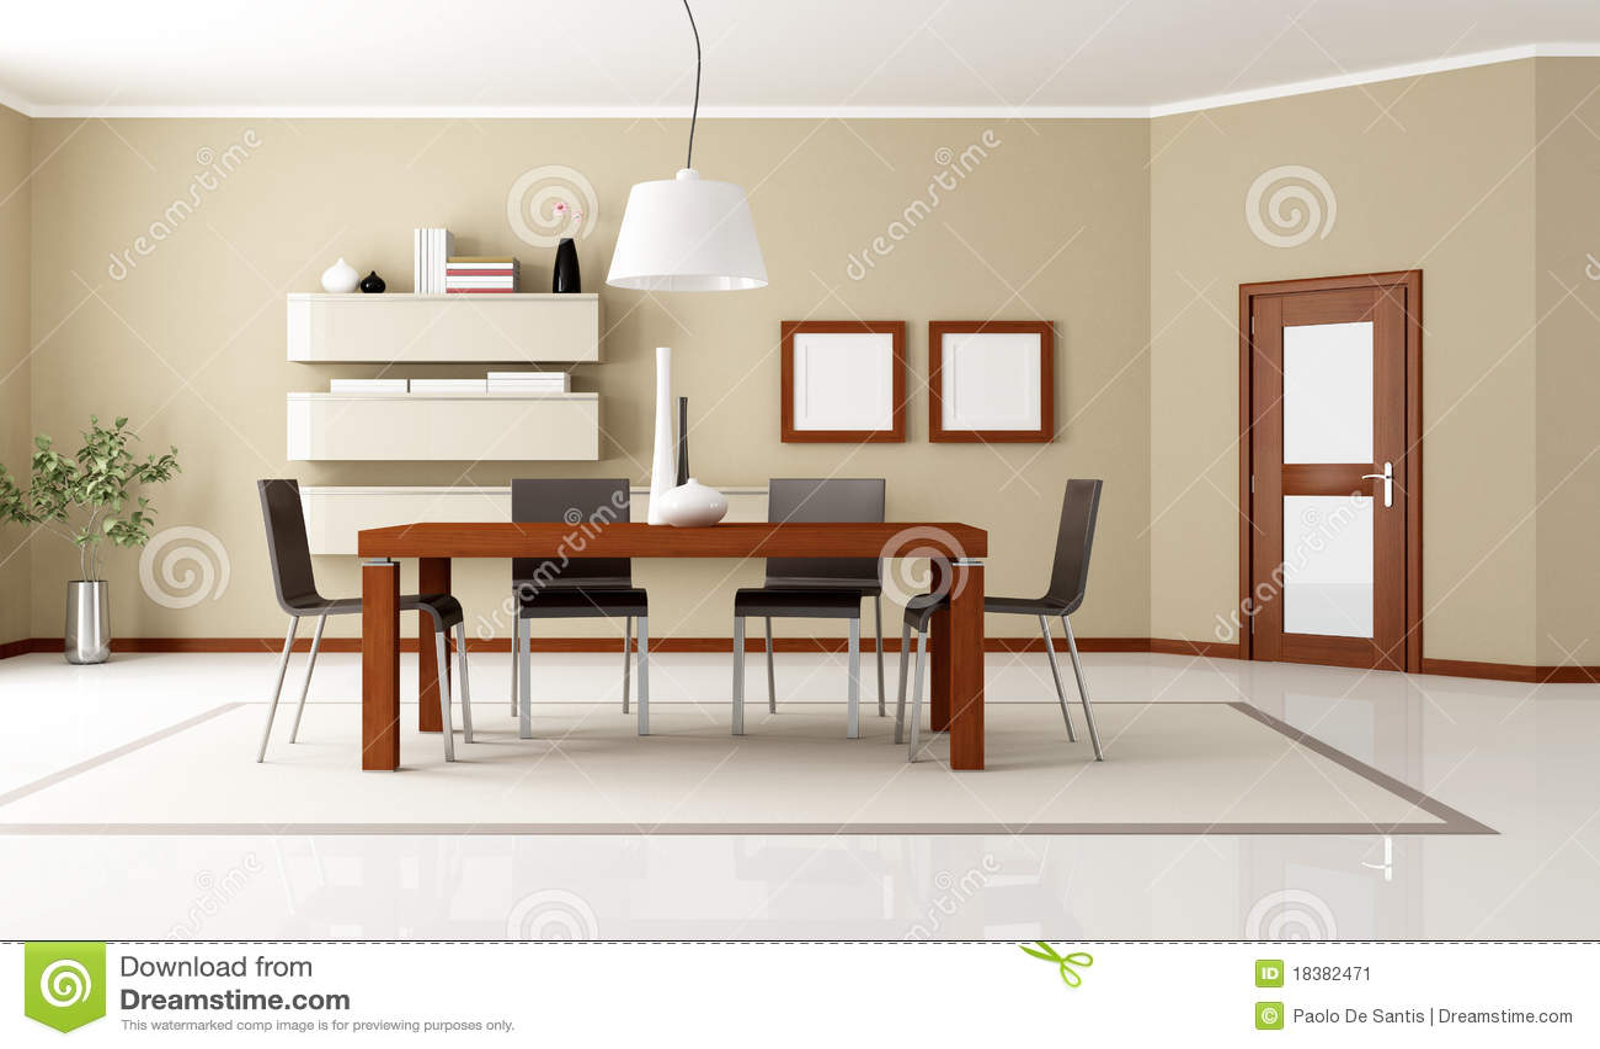 Sala Da Pranzo Moderna Elegante Immagine Stock Immagine: 18382471 #85A724 1300 869 La Cucina Disegni Per Bambini